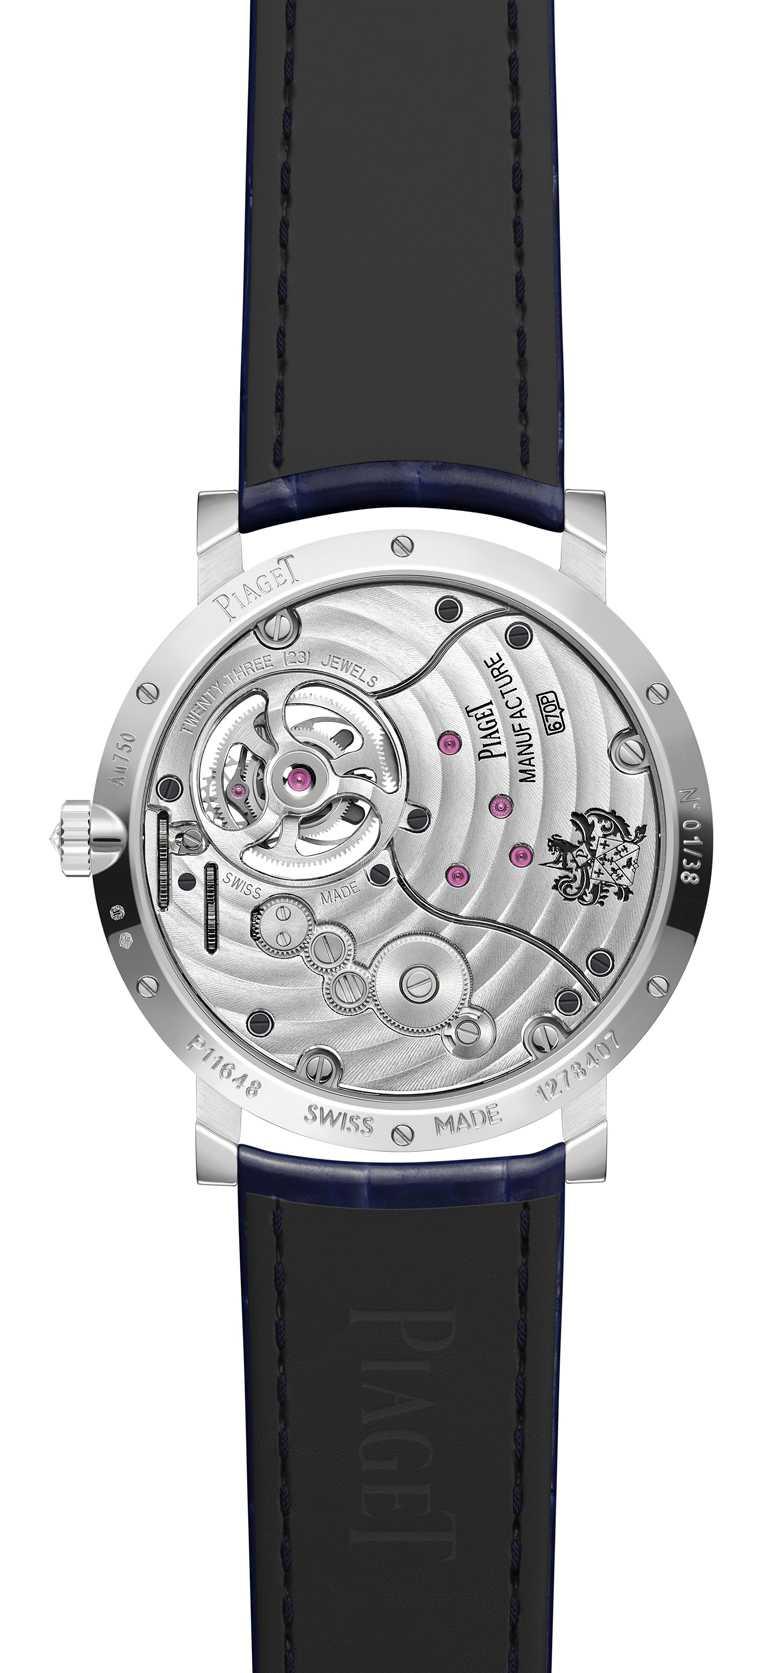 藍寶石水晶玻璃錶底蓋,令這款伯爵製670P型手動上鏈陀飛輪機芯的精湛一覽無遺。(圖╱PIAGET提供)